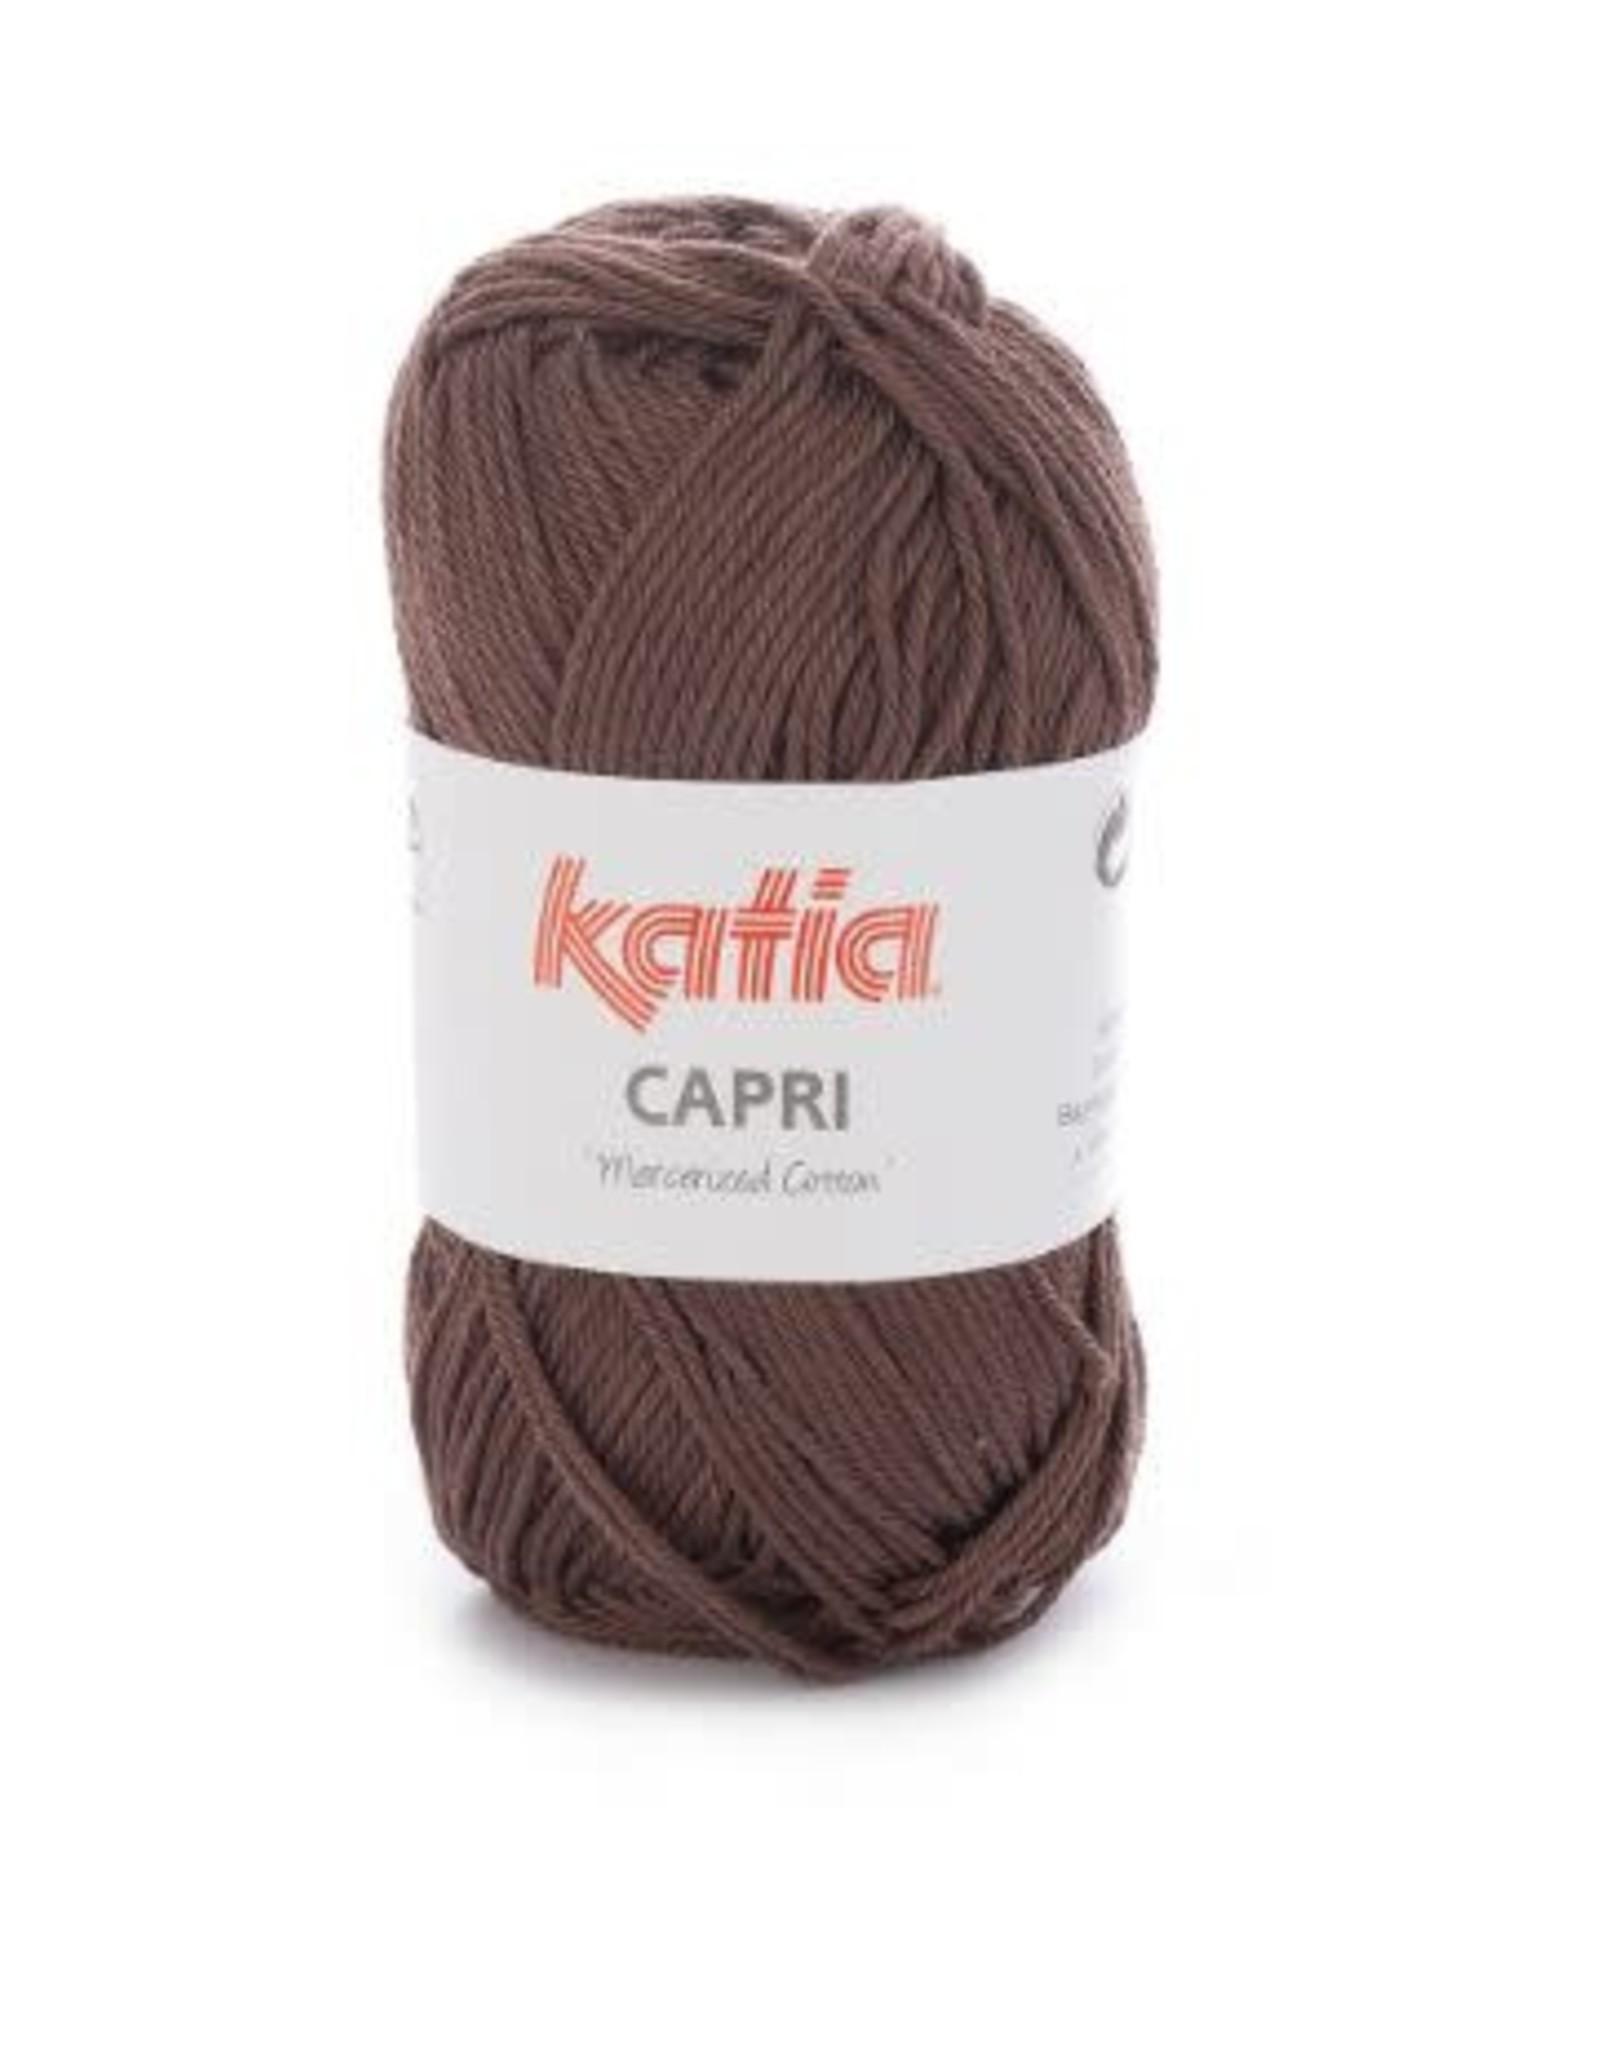 Katia Garen Capri katoen 82127 donker bruin